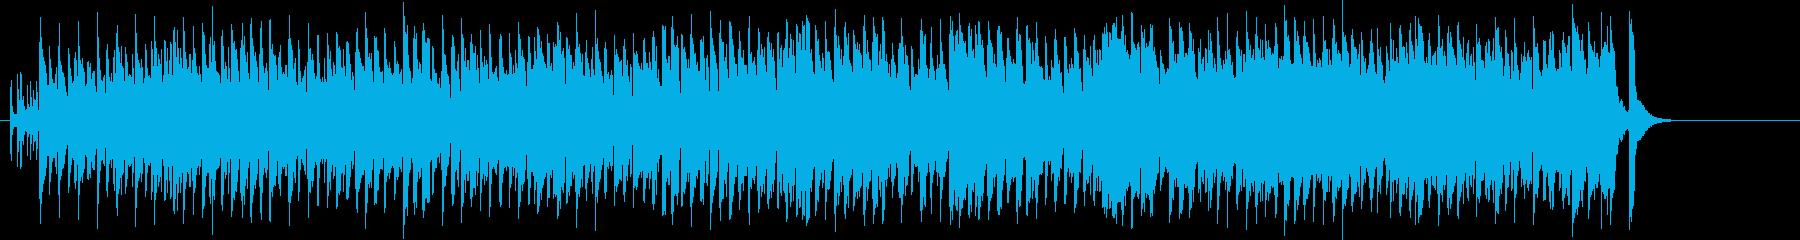 暖かな午後の日差しの歌謡曲風ポップスの再生済みの波形